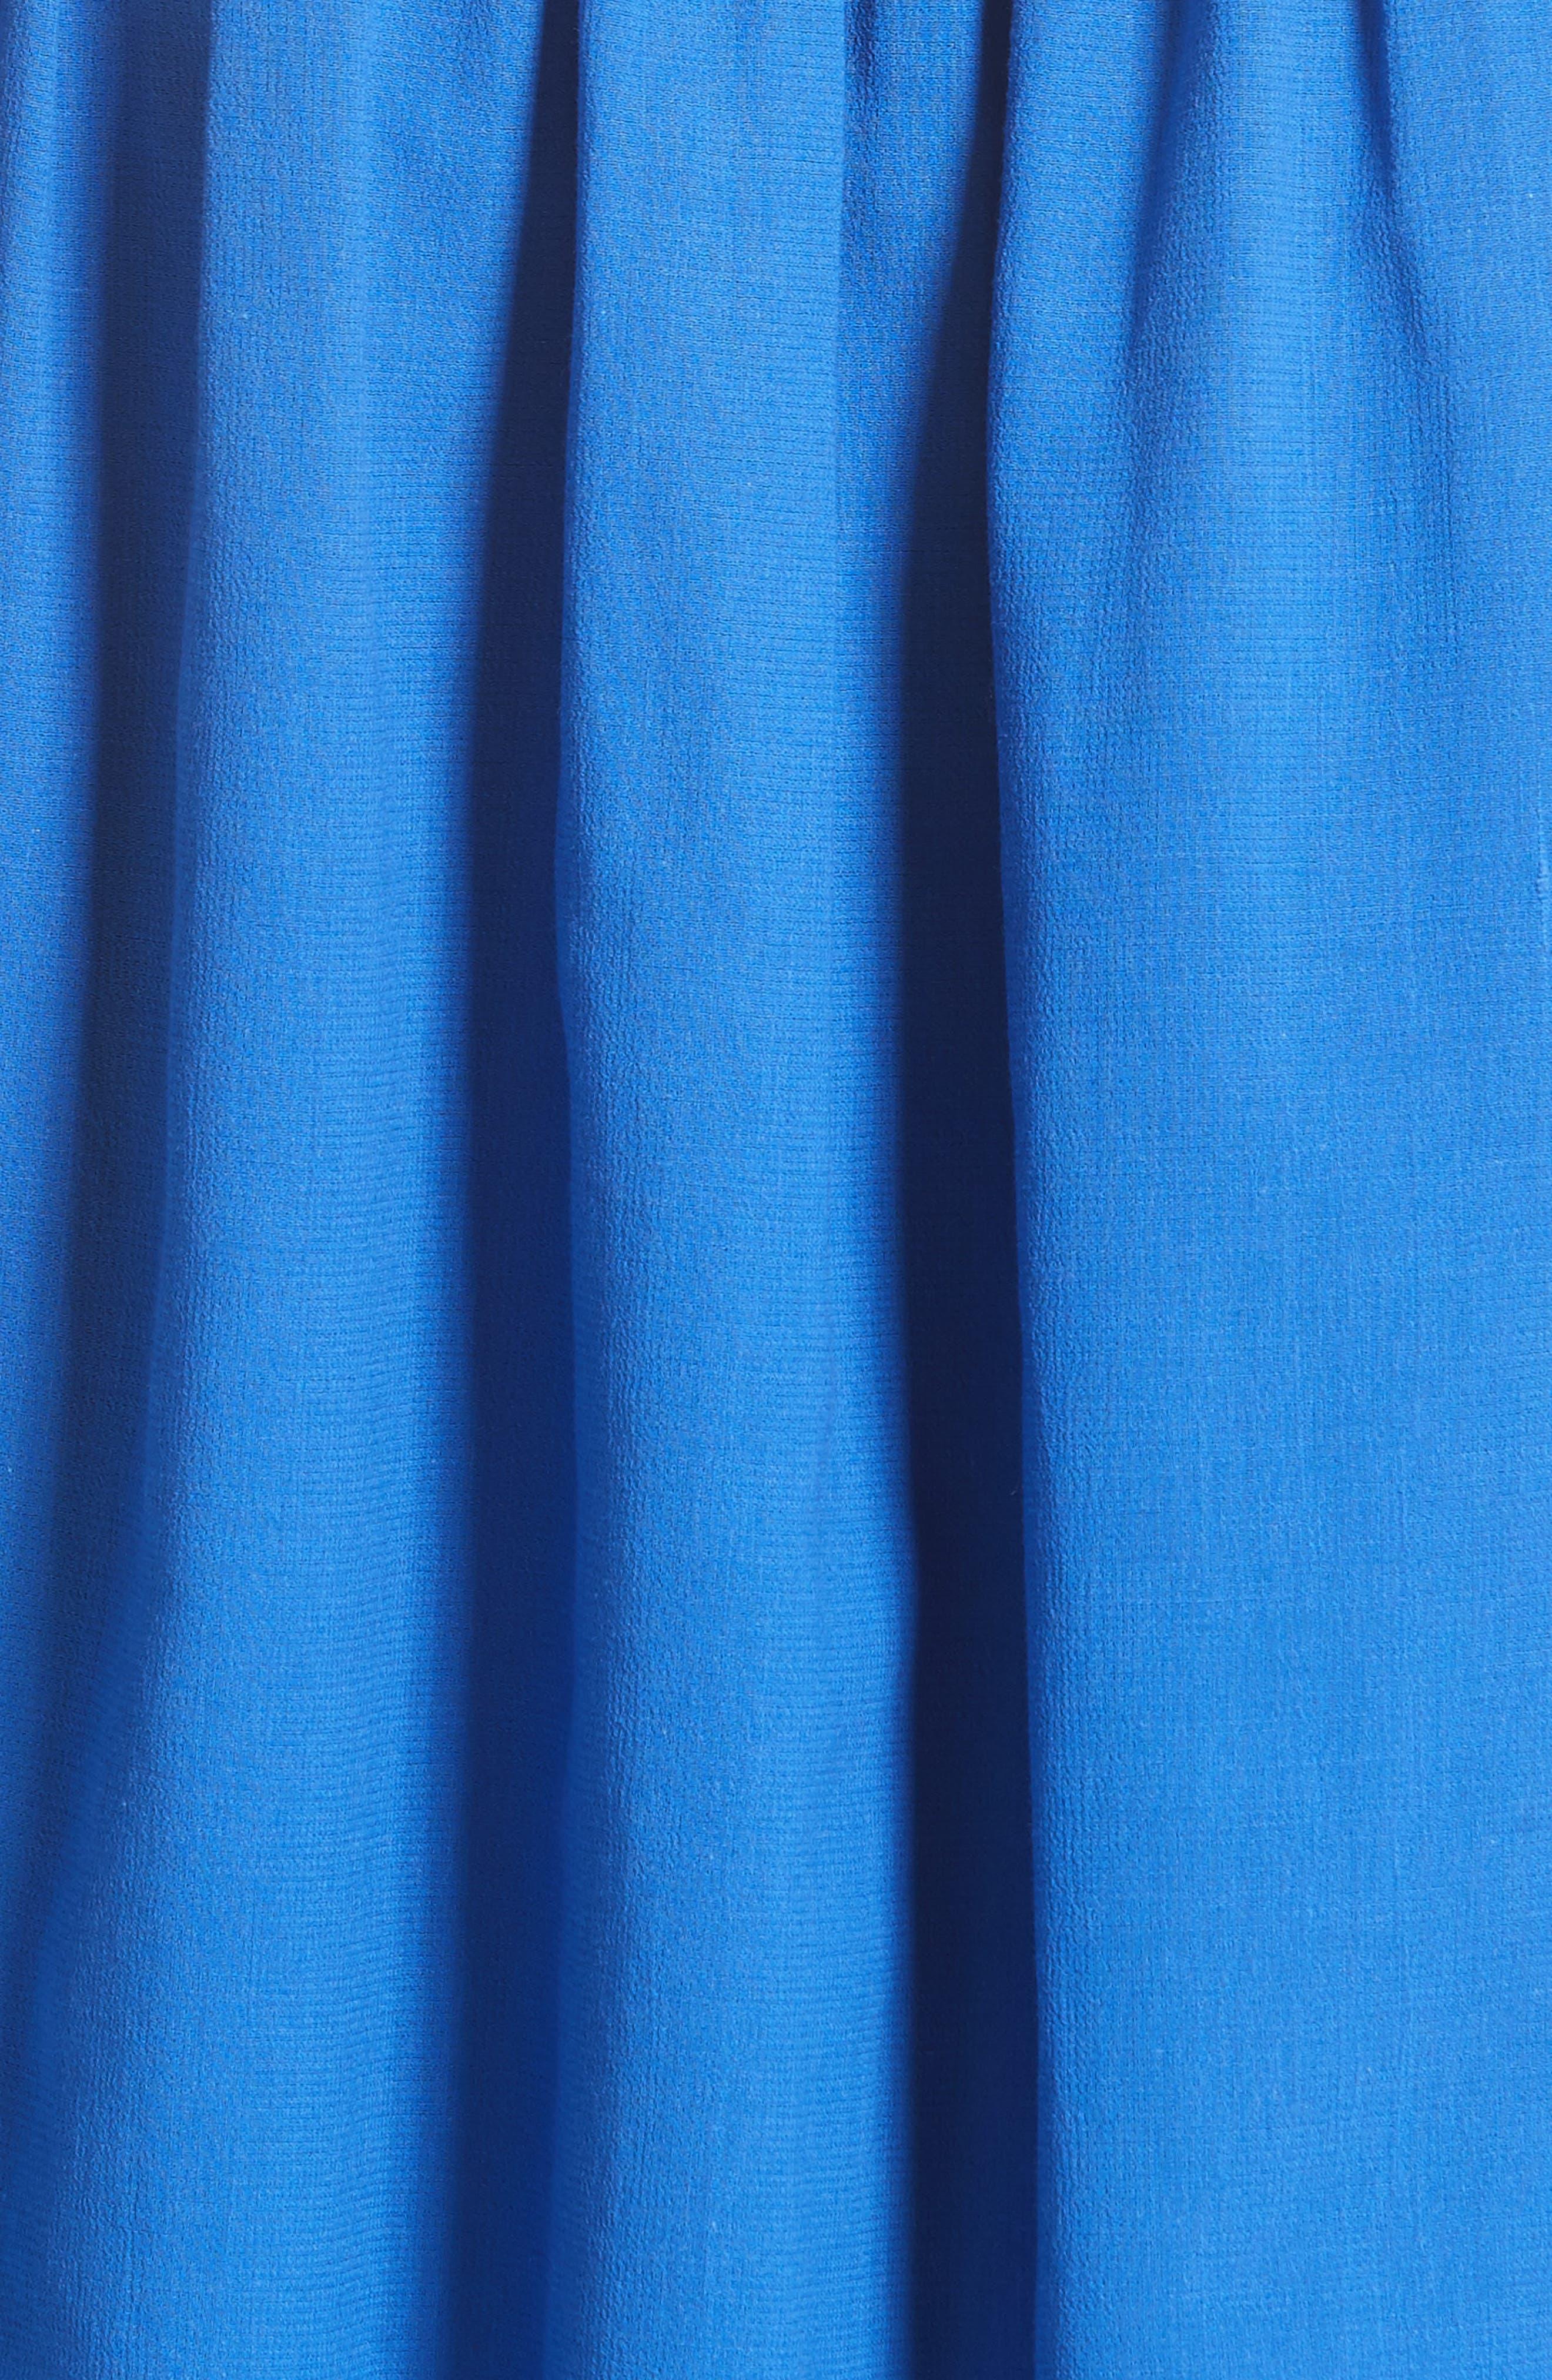 Akris Smocked Ruffle Skirt,                             Alternate thumbnail 3, color,                             Blue